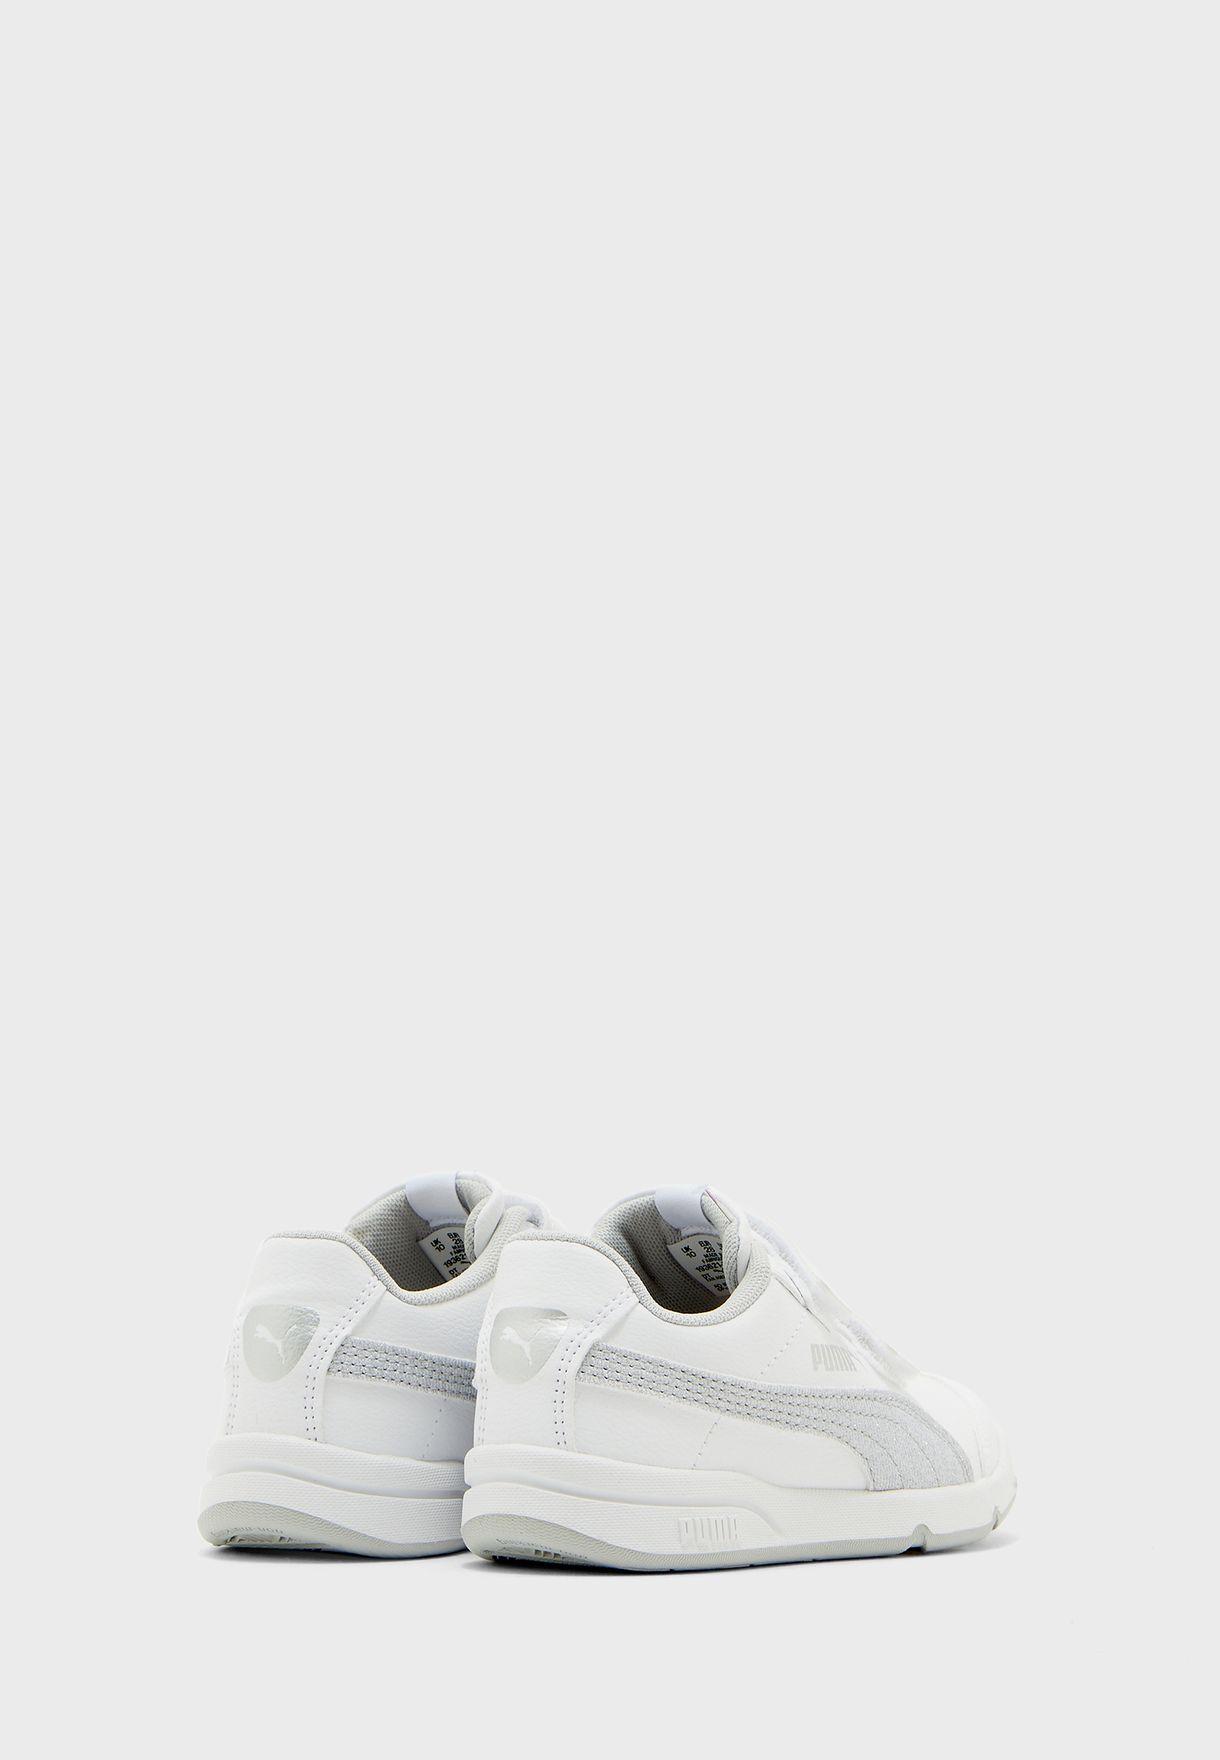 حذاء ستيب فليكس 2 اس ال في اي